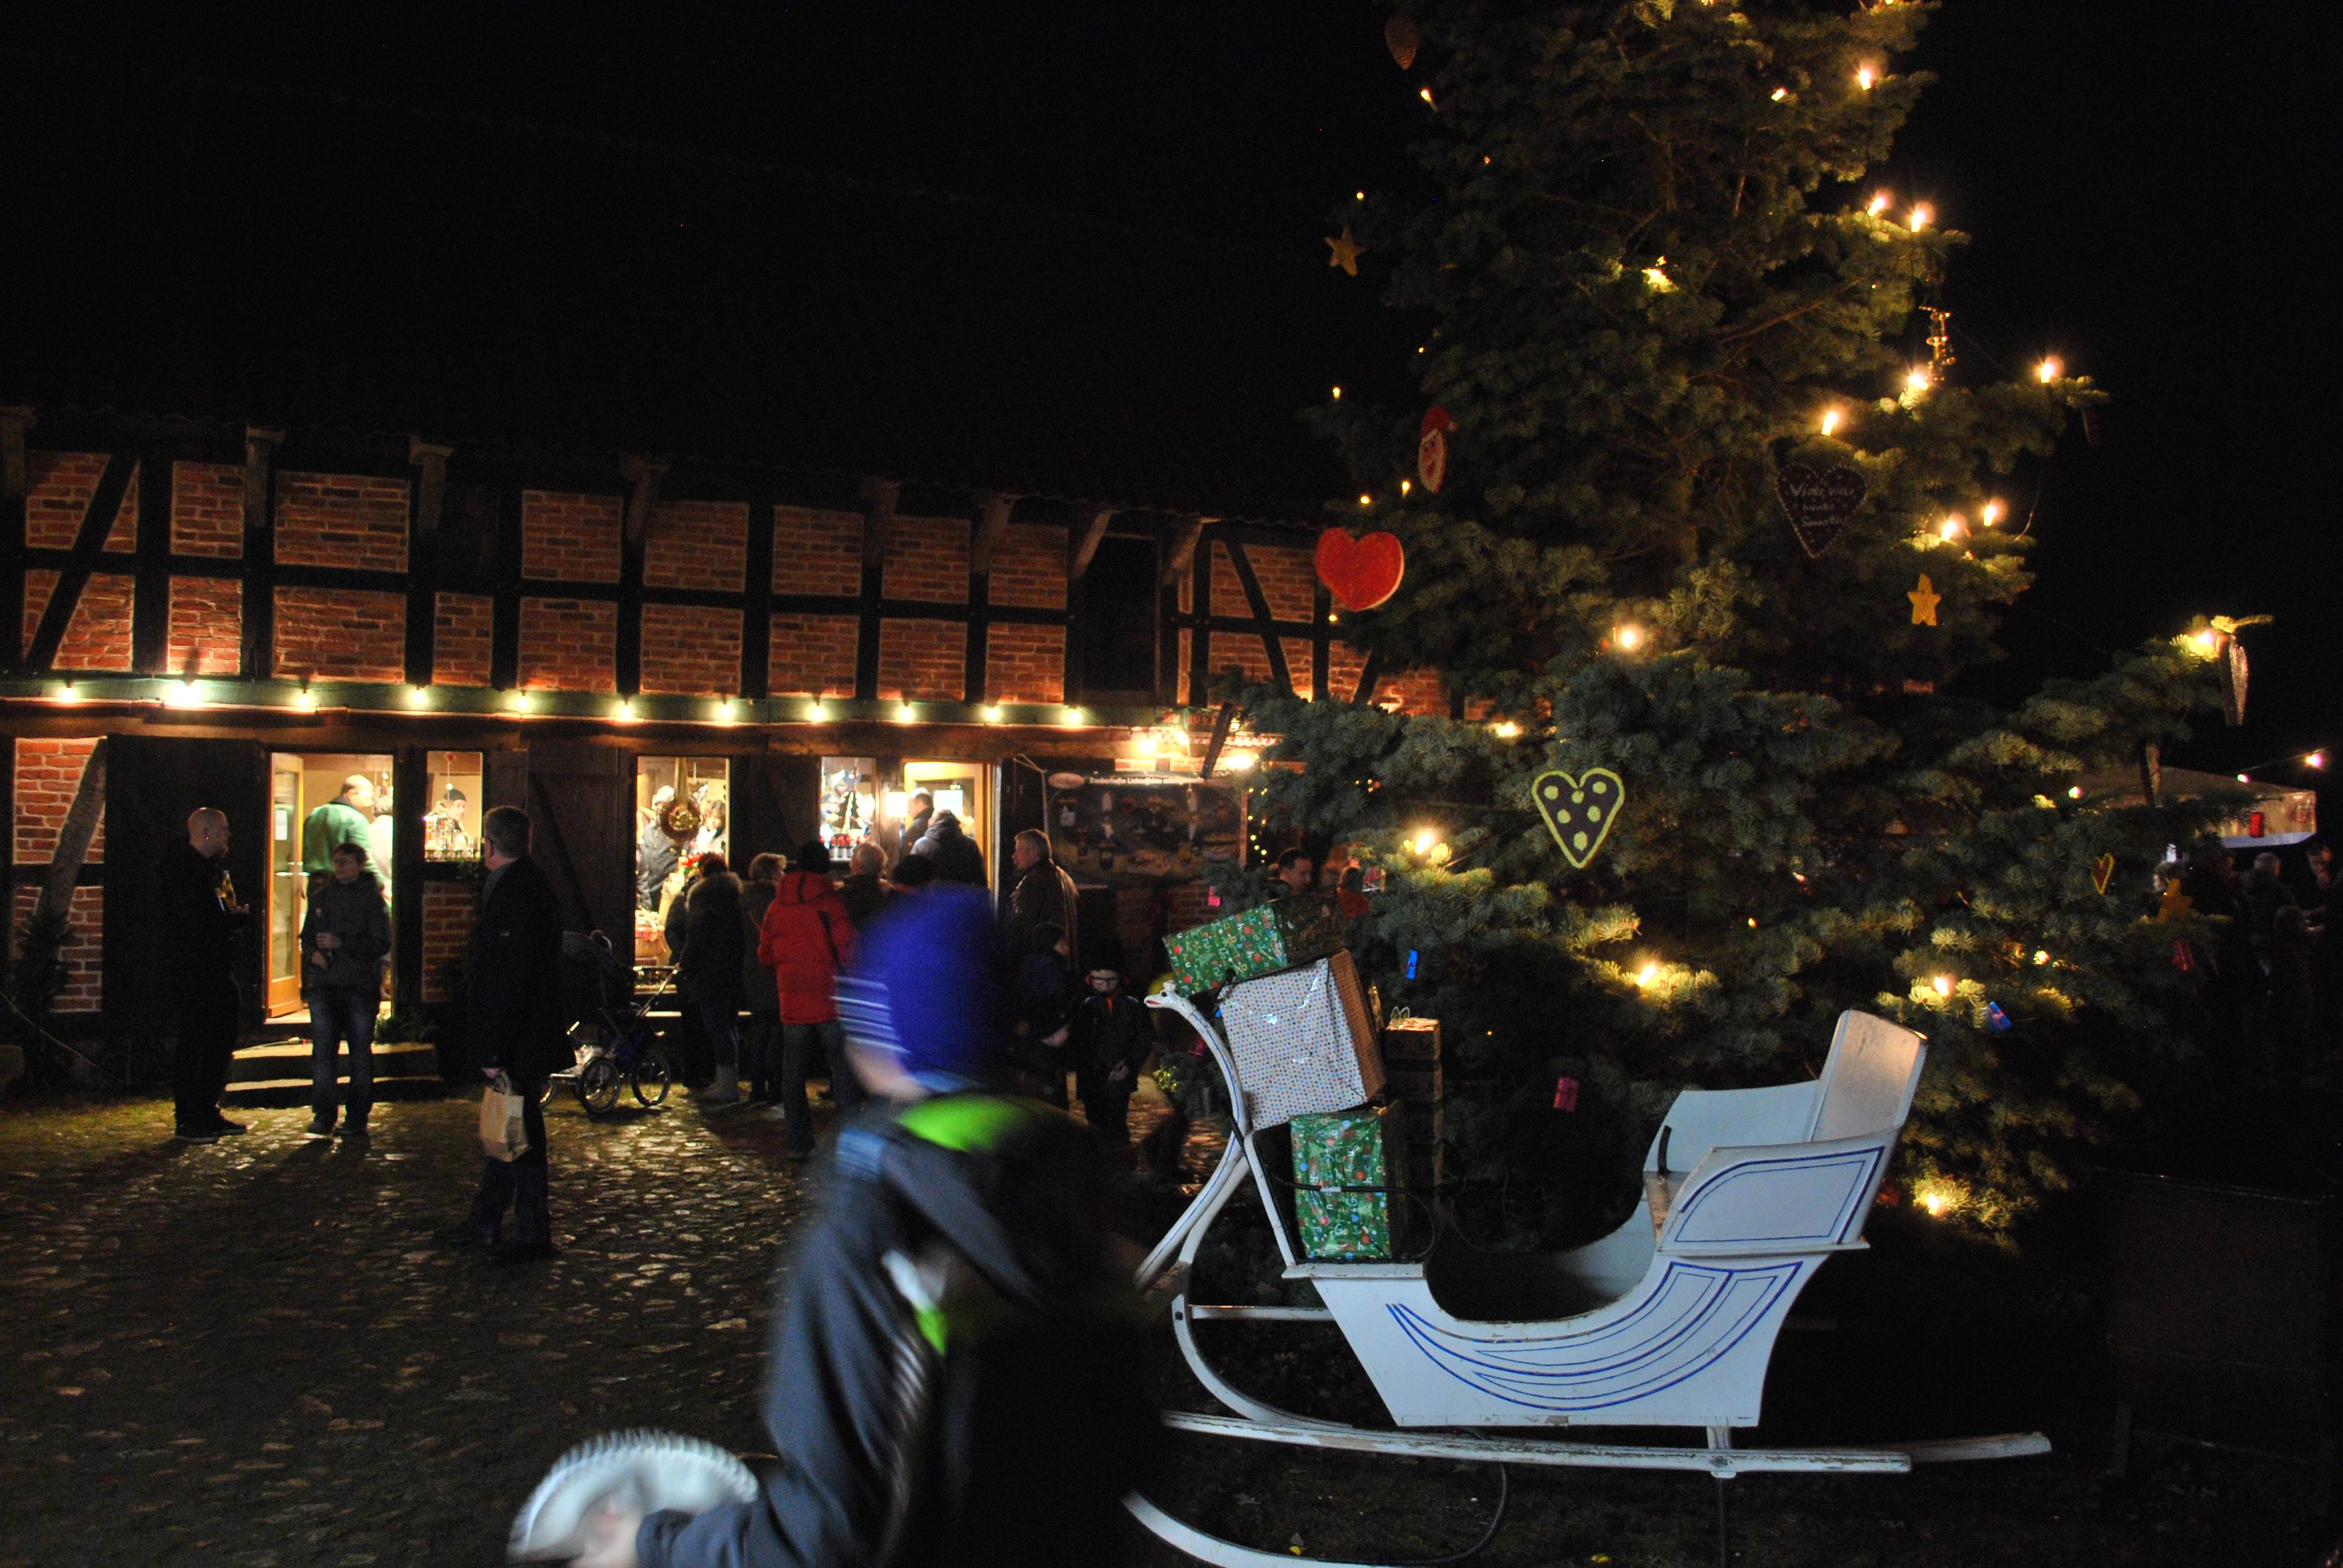 Weihnachtsmarkt Salzwedel.Altmarkkreis Salzwedel Historischer Weihnachtsmarkt Im